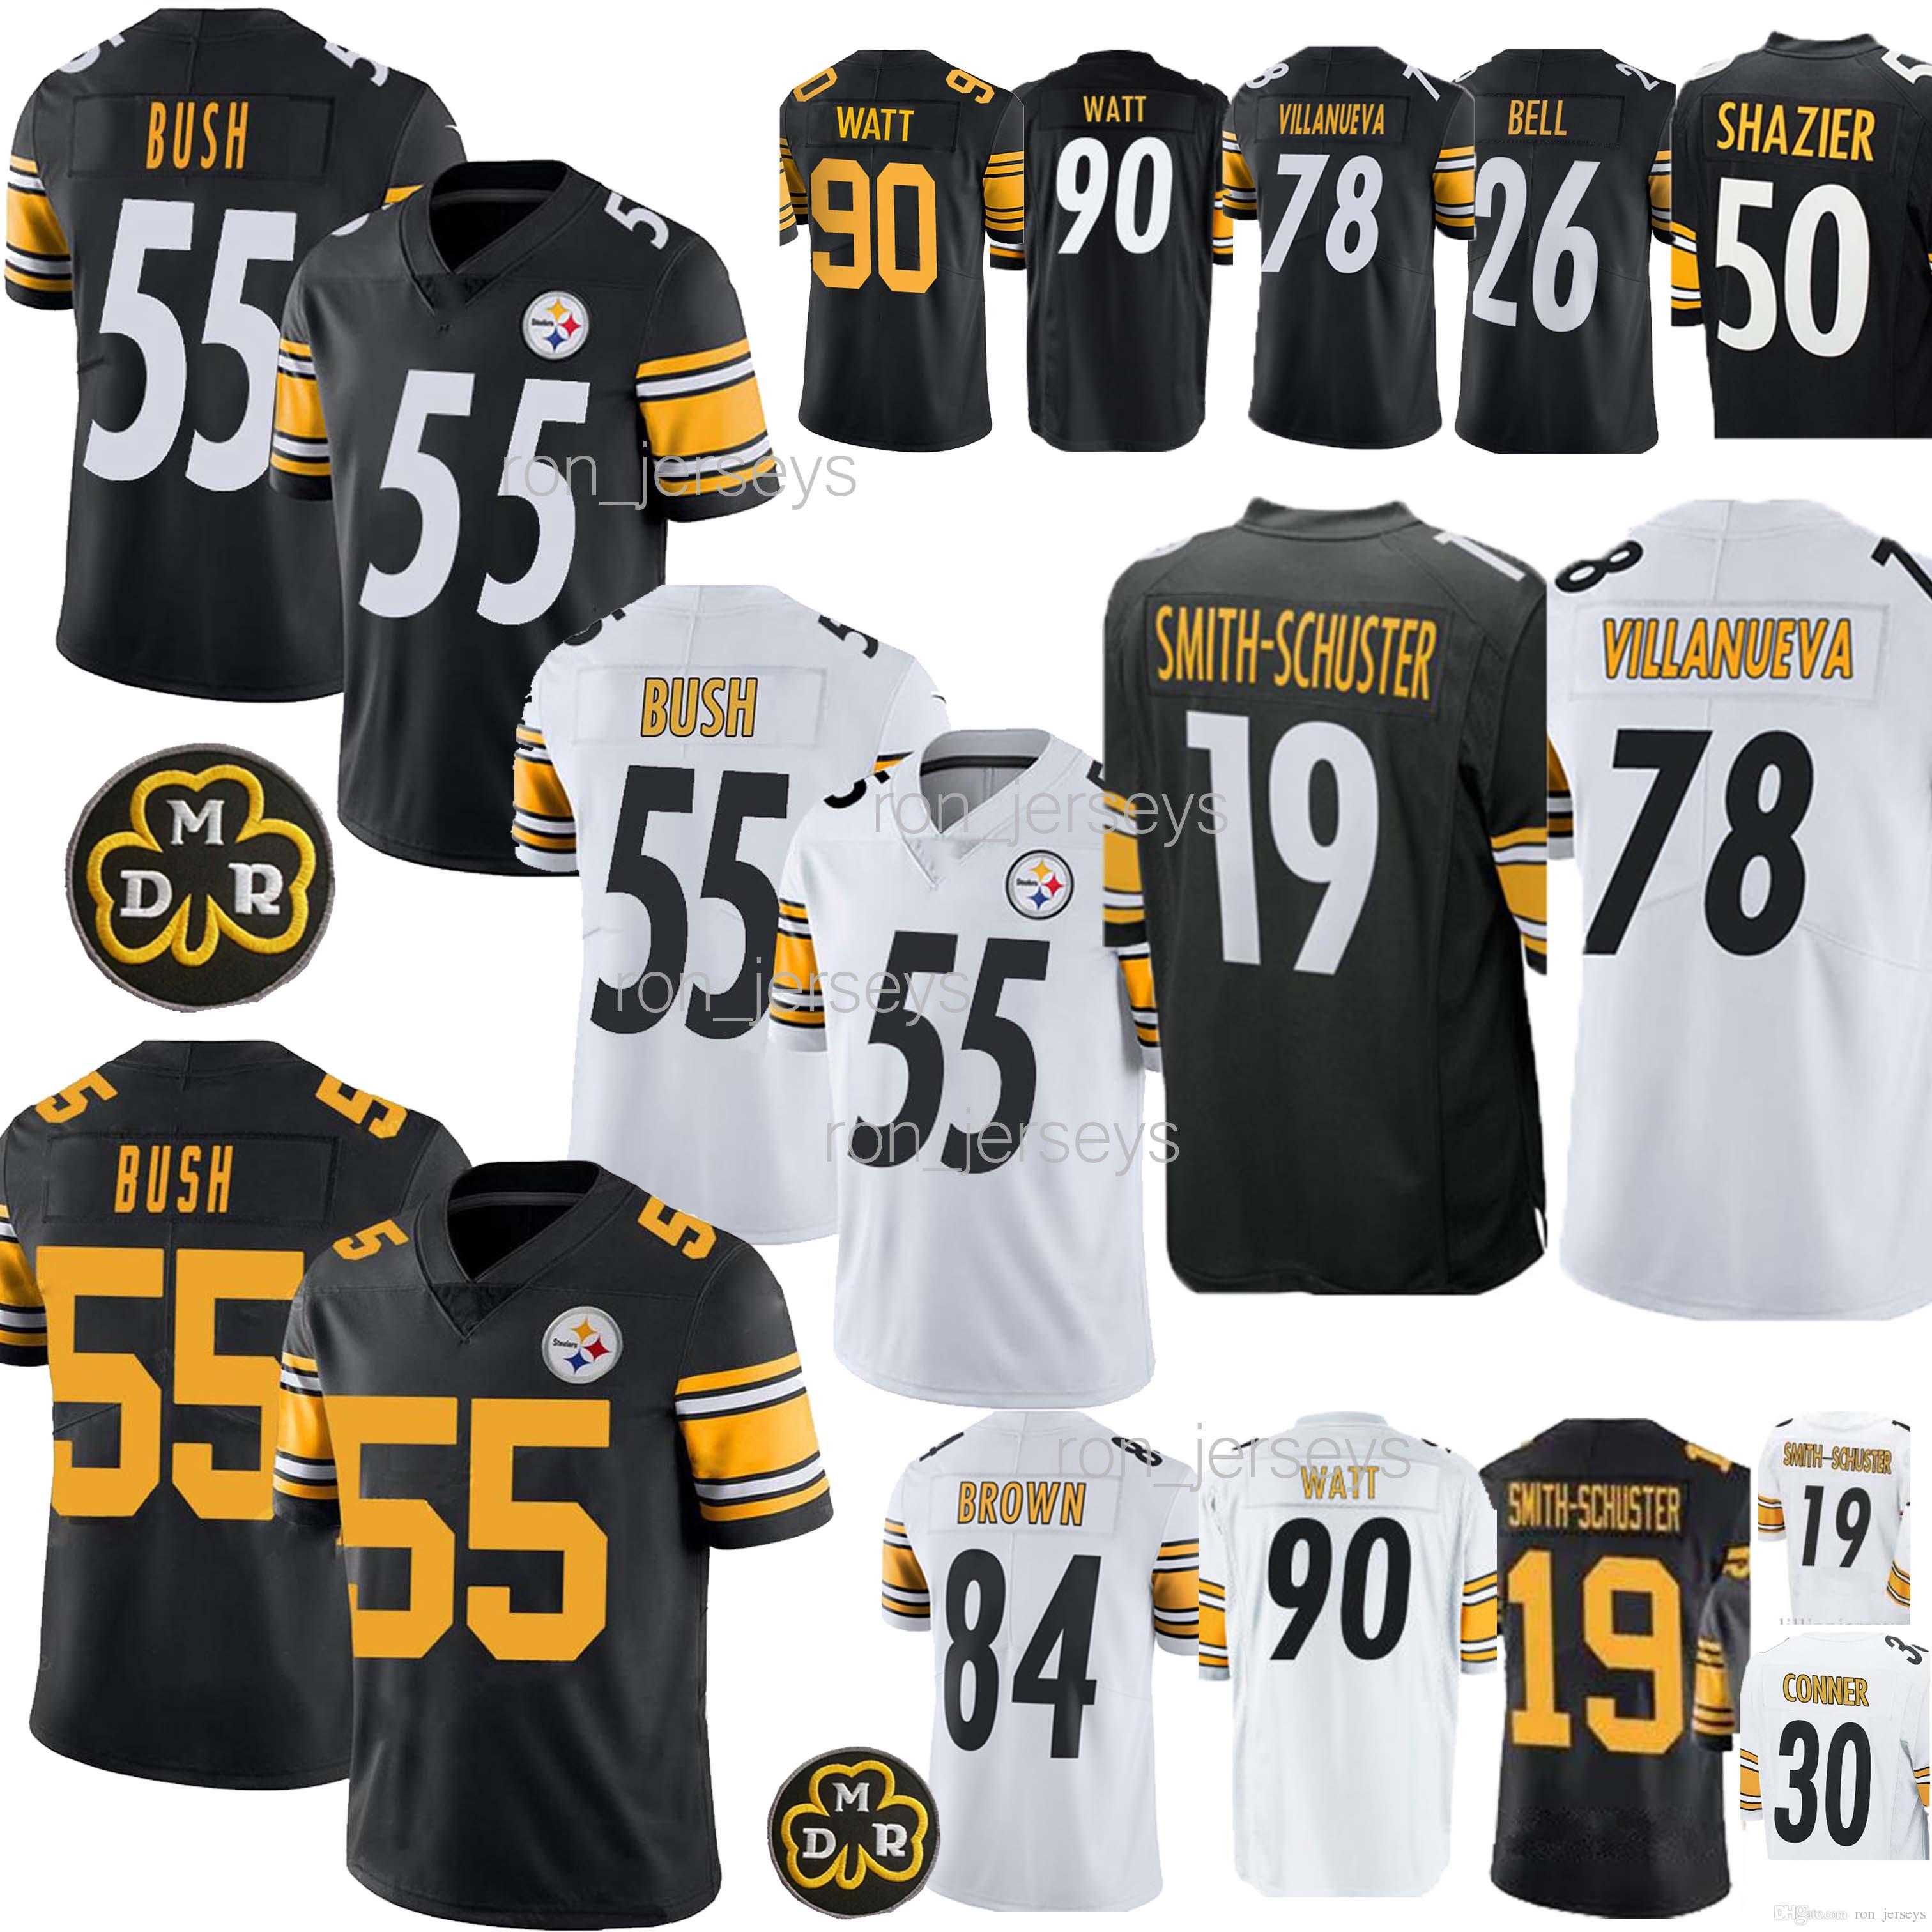 huge selection of ce1ff c1645 55 Devin Bush Steelers Jersey Pittsburgh 84 Brown 78 Villanue 19 Juju  Smith-Schuster 90 T.J. Watt jerseys 2019